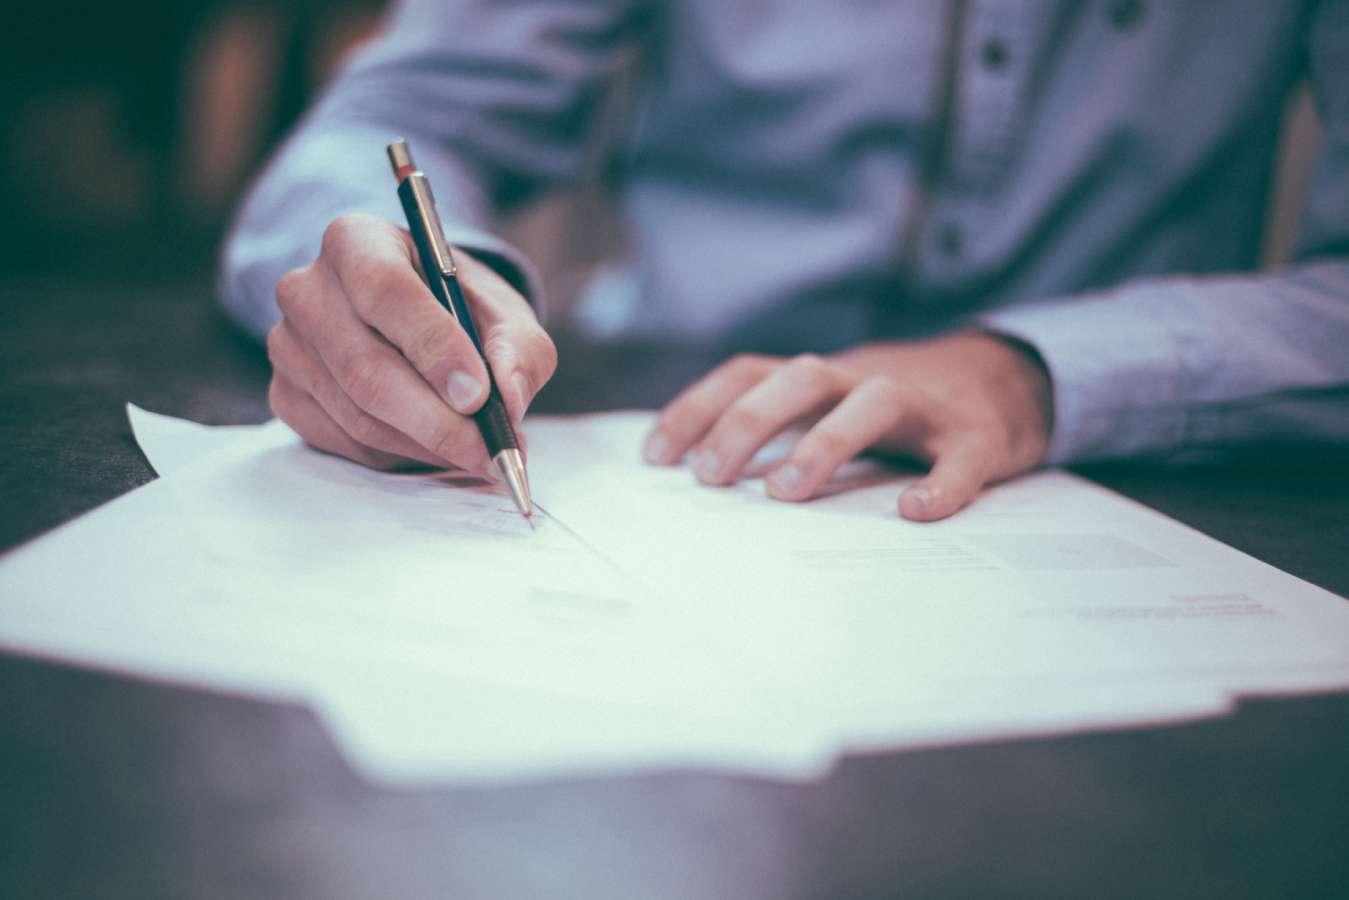 Закон не врятує. На які пільги можуть розраховувати підприємці під час карантину (ІНФОГРАФІКА)